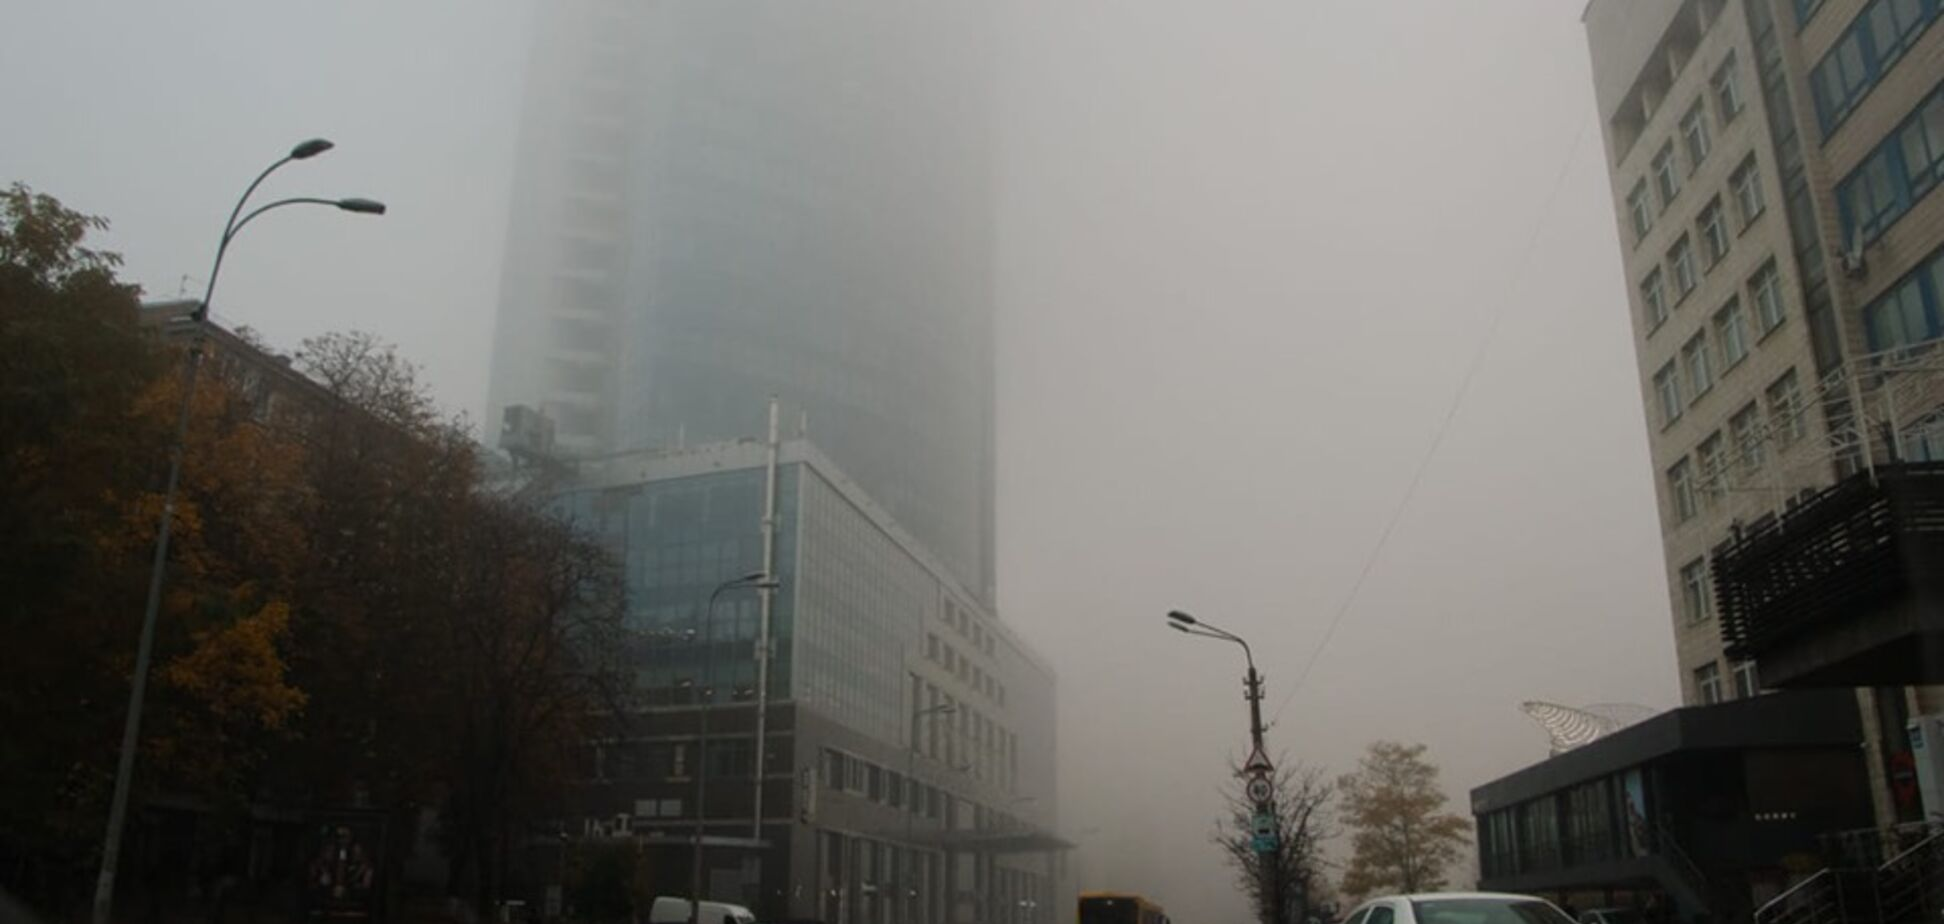 Київ накрило густим туманом